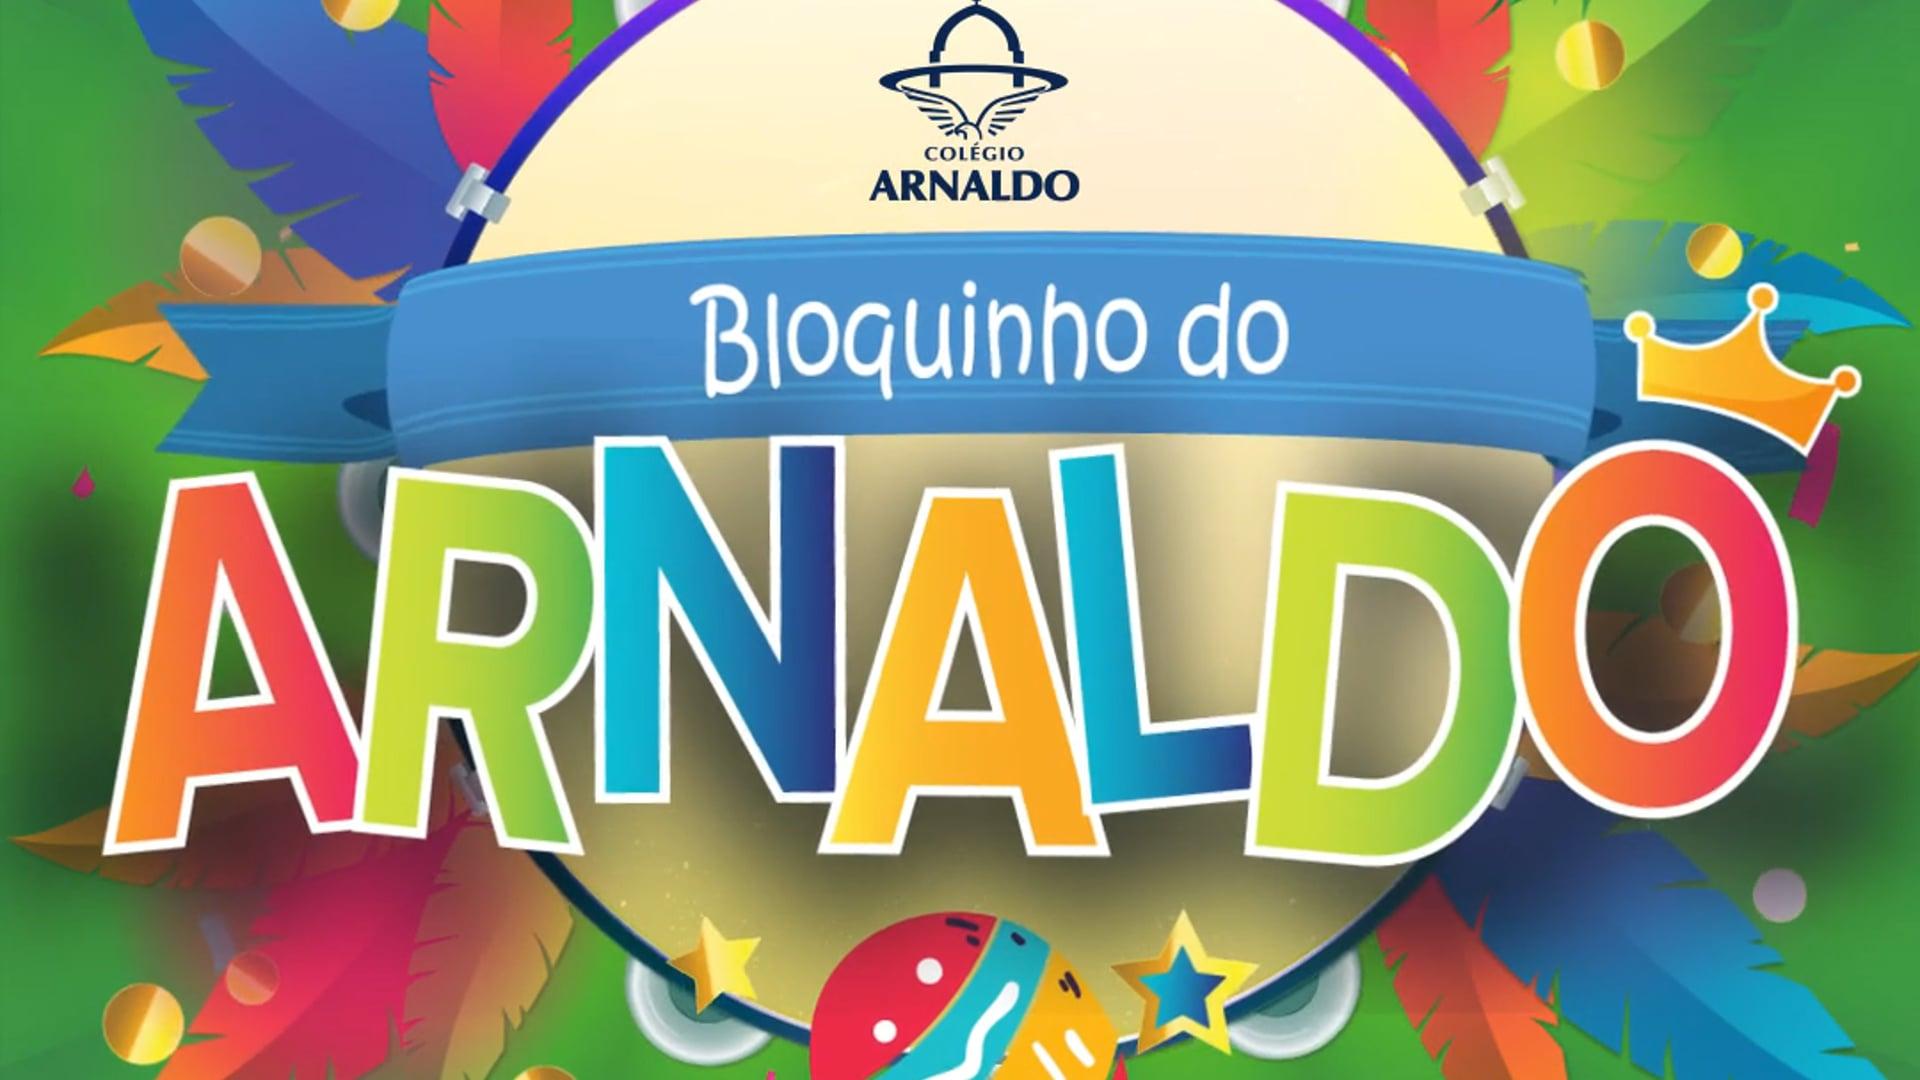 ANIMAÇÃO CARNAVAL ARNALDO FUNCIONÁRIOS